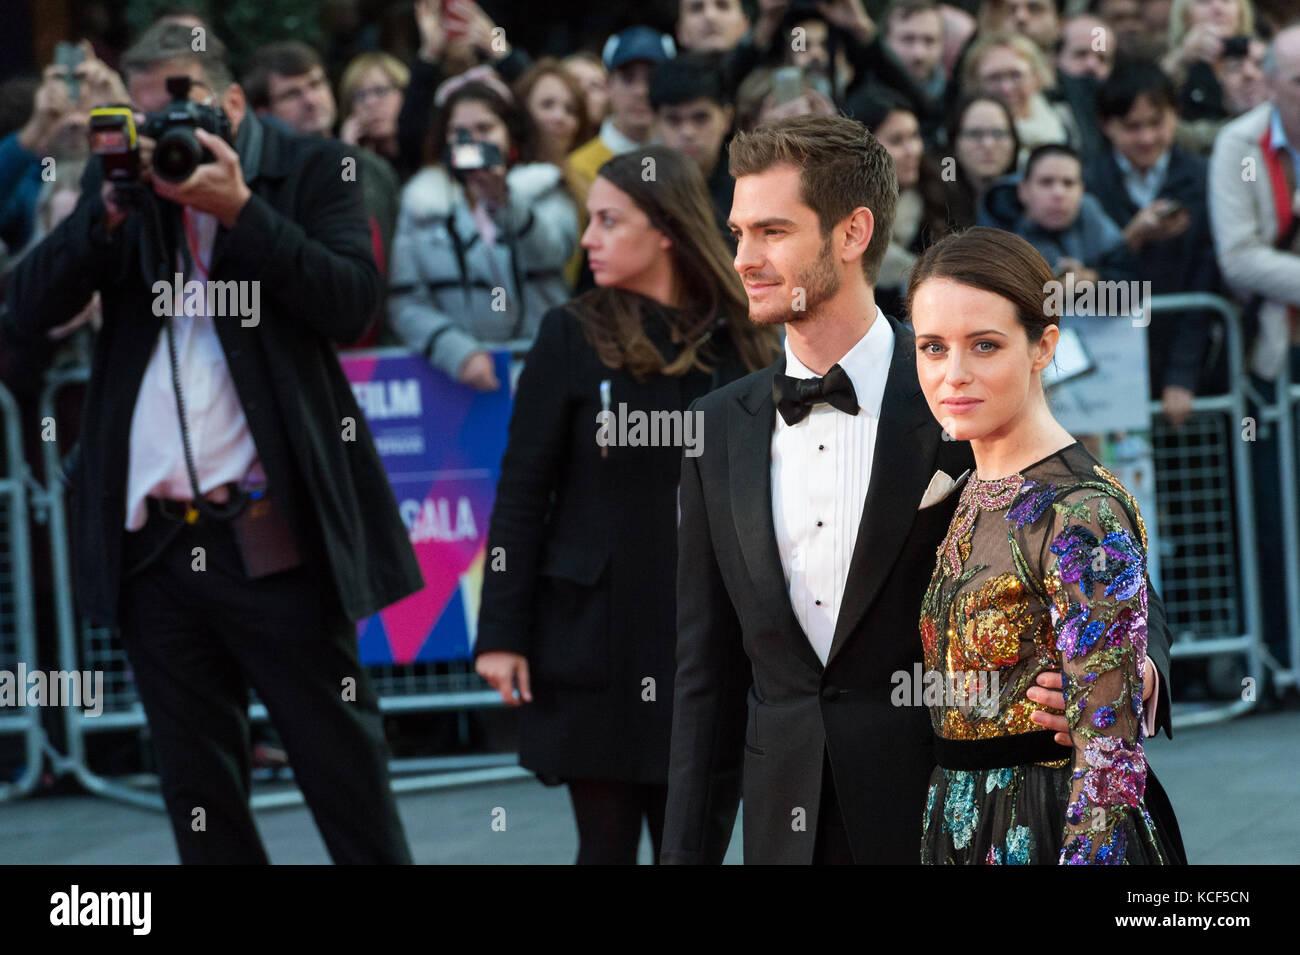 Londres, Reino Unido. 4 de octubre de 2017. Claire foy y Andrew Garfield llegar para el Reino Unido estreno de respirar Foto de stock